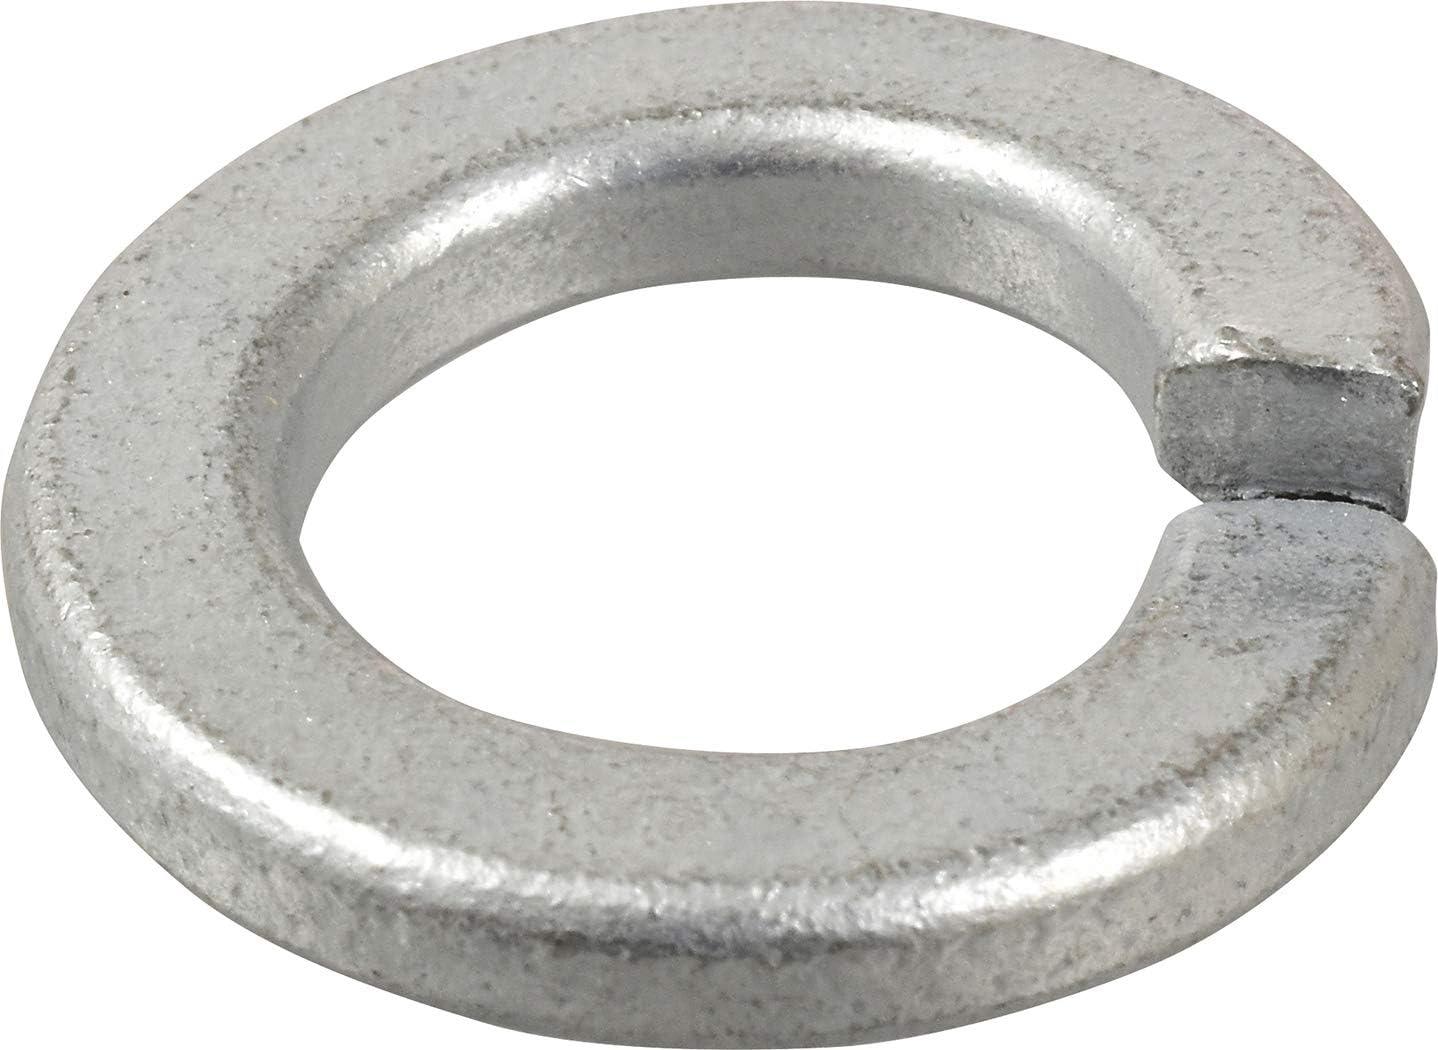 Zinc-Plated  Steel  Split Lock Washer  50 pk Dia Hillman  1//2 in